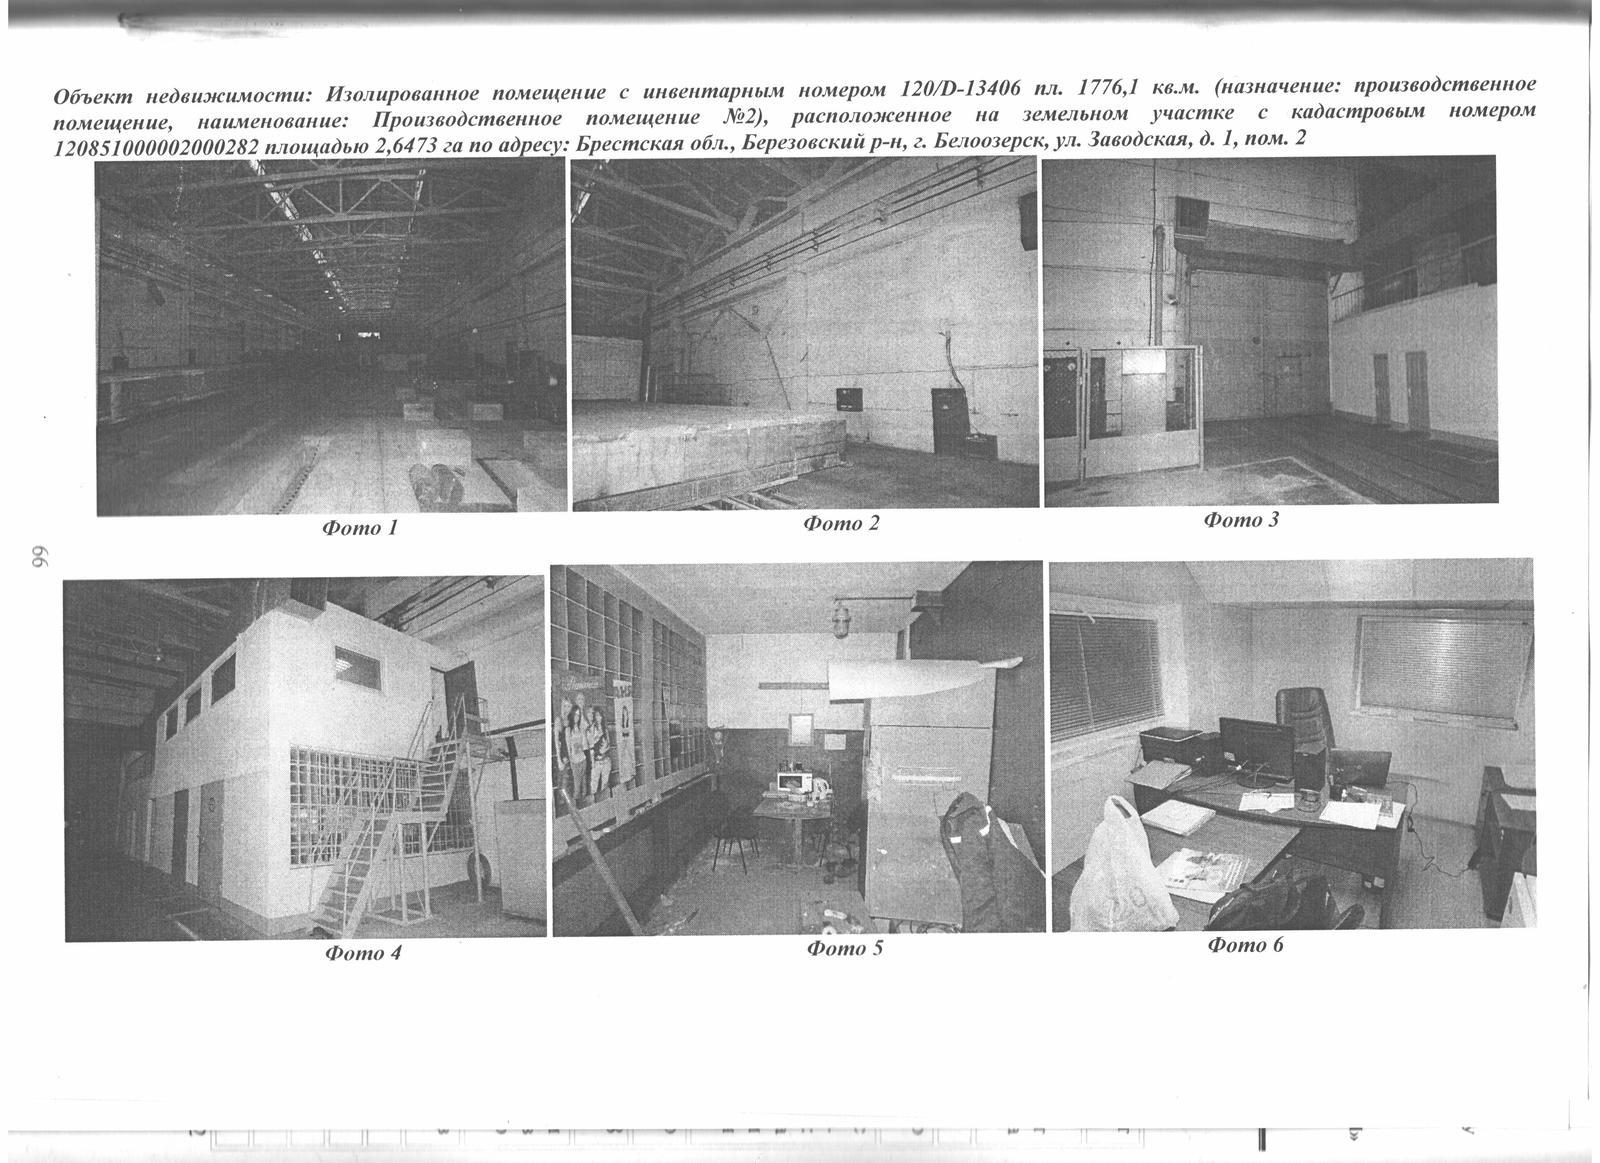 Аукцион по продаже недвижимости ул. Заводская, д. 1, пом. 2 в Белоозерске - фото 1